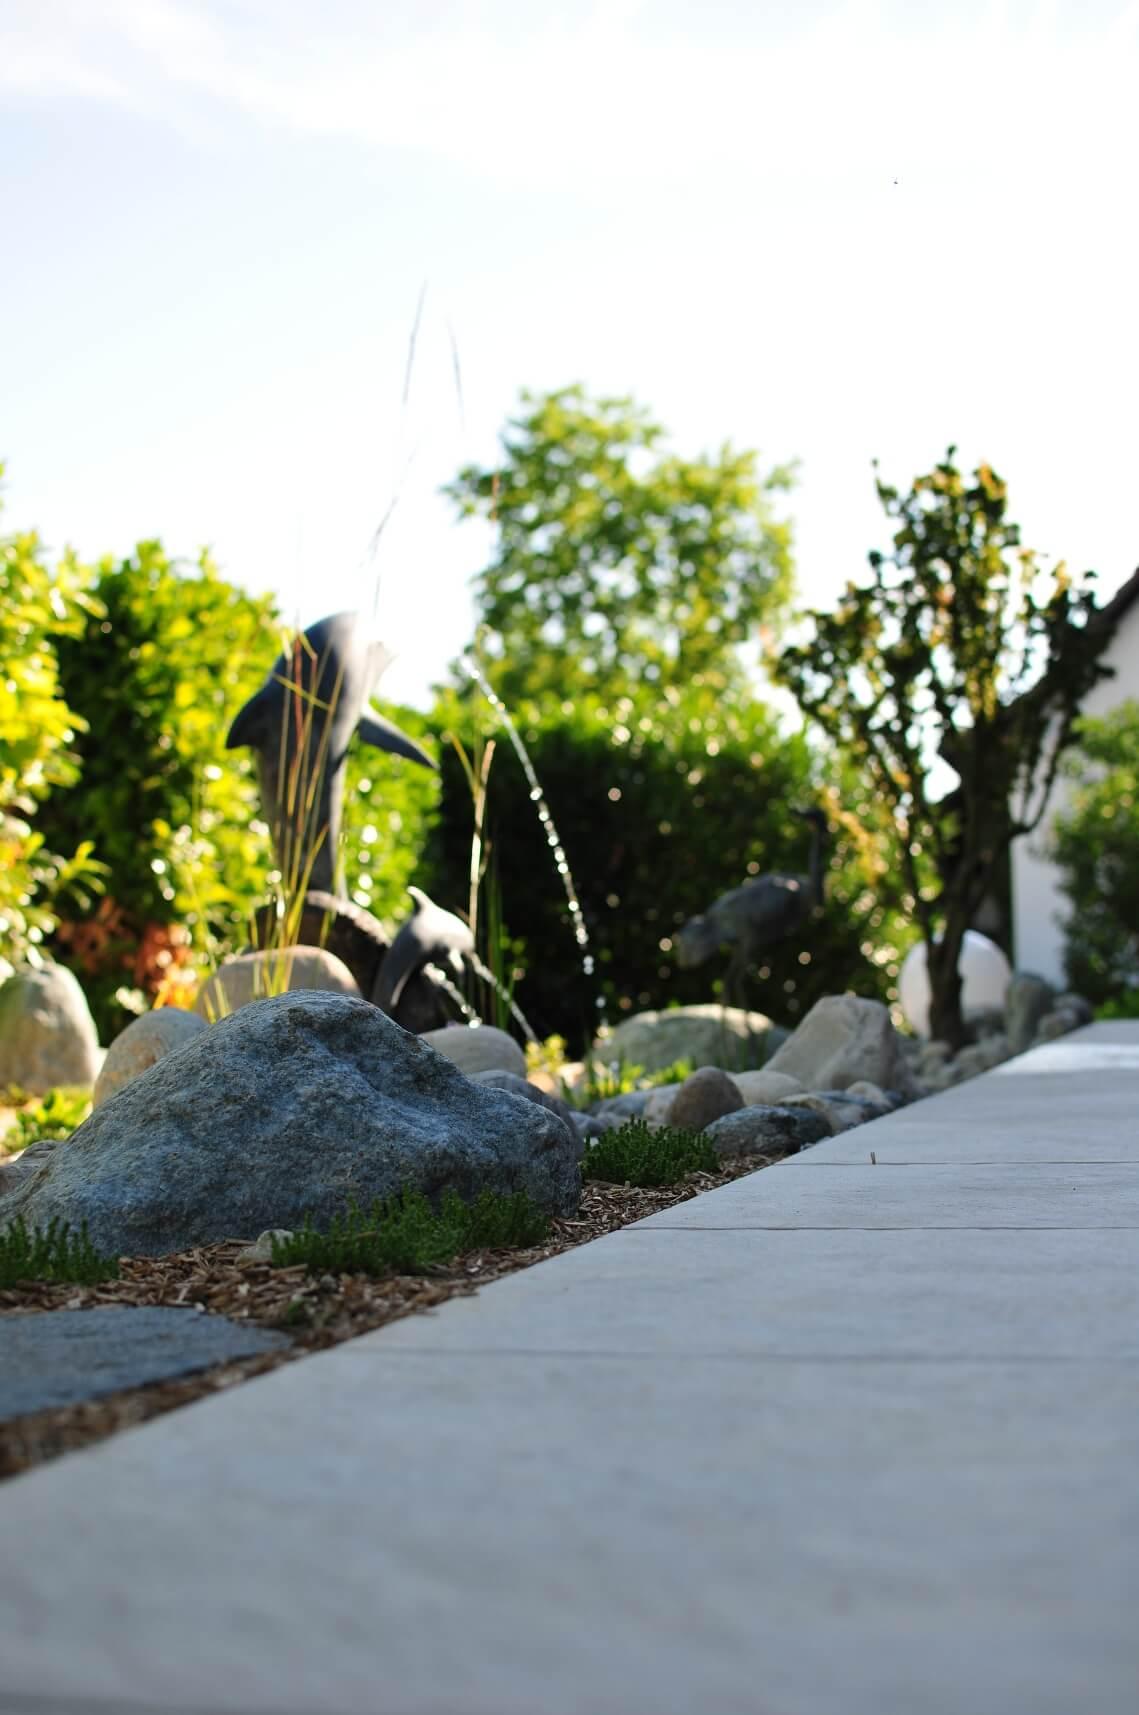 michael ellig étang bassin eau cours riviere paysagiste statues aellig paysages (3)